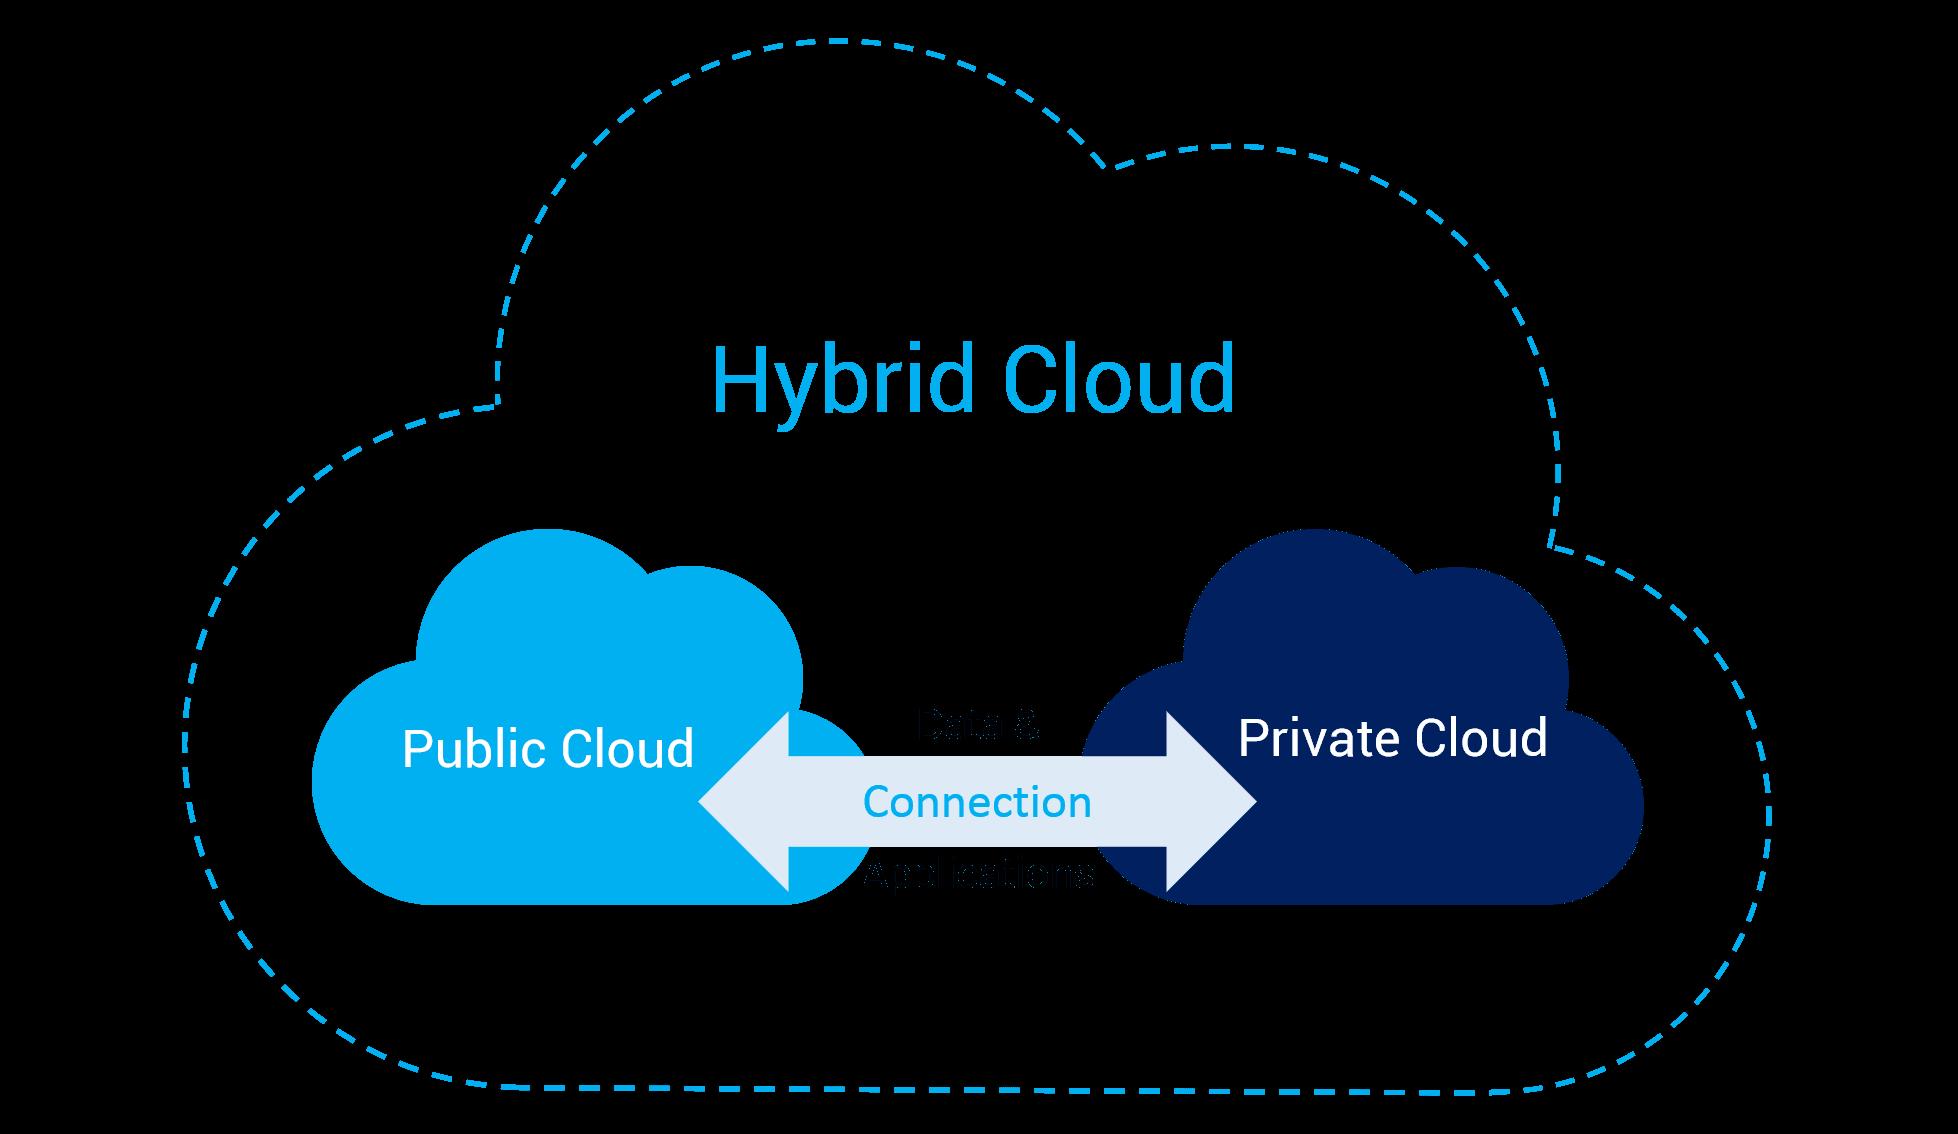 فضای ابری چندگانه (Hybrid) چیست؟